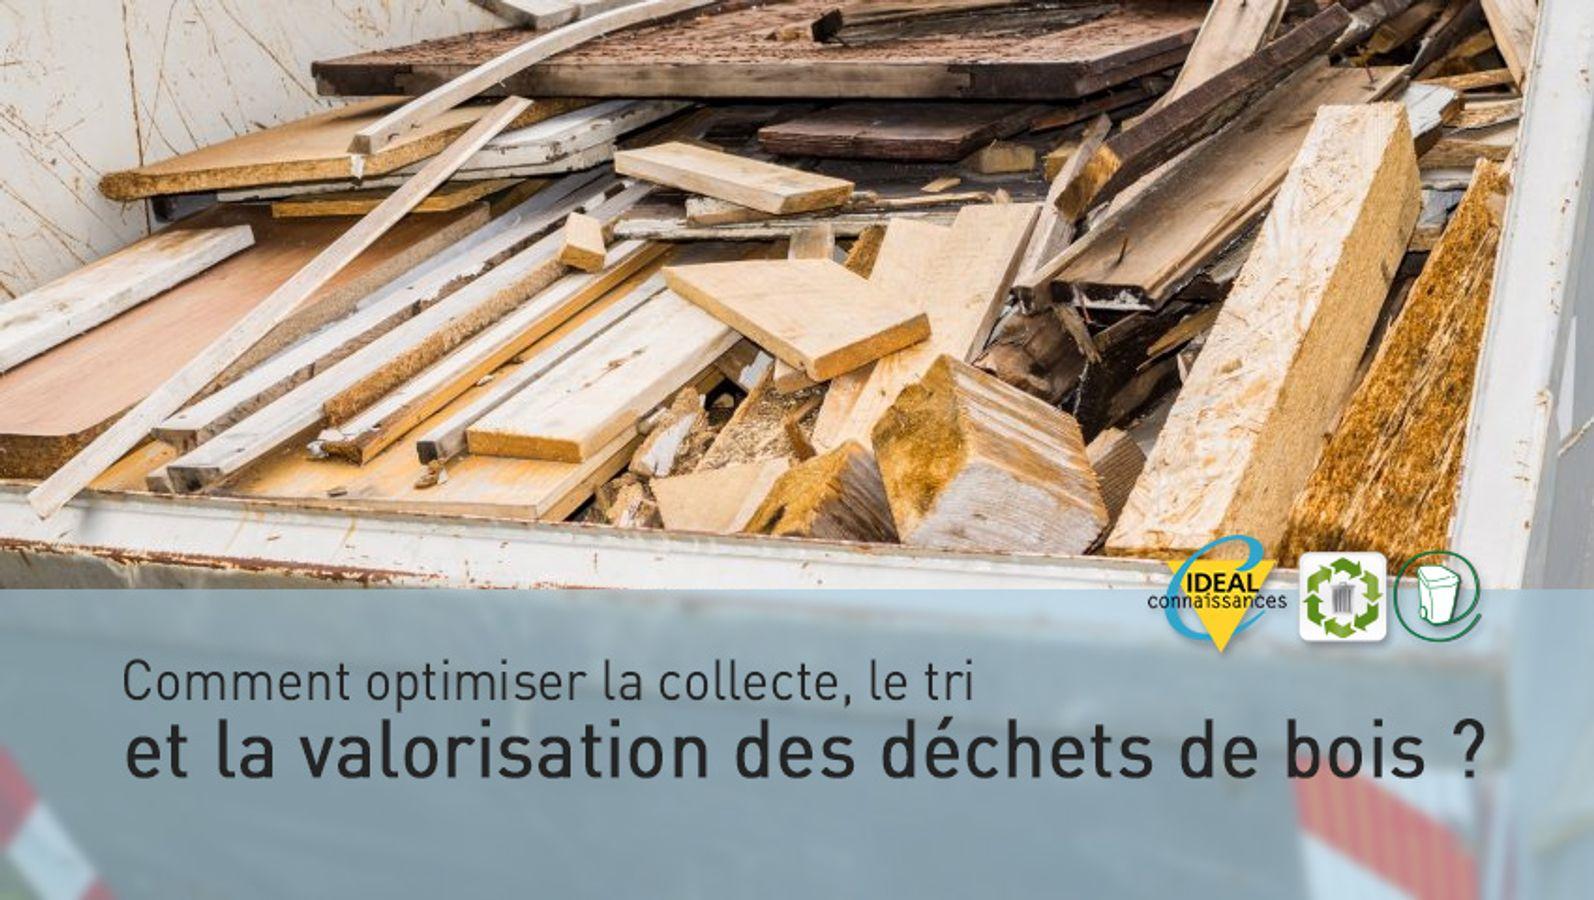 Comment optimiser la collecte, le tri et la valorisation des déchets de bois ?